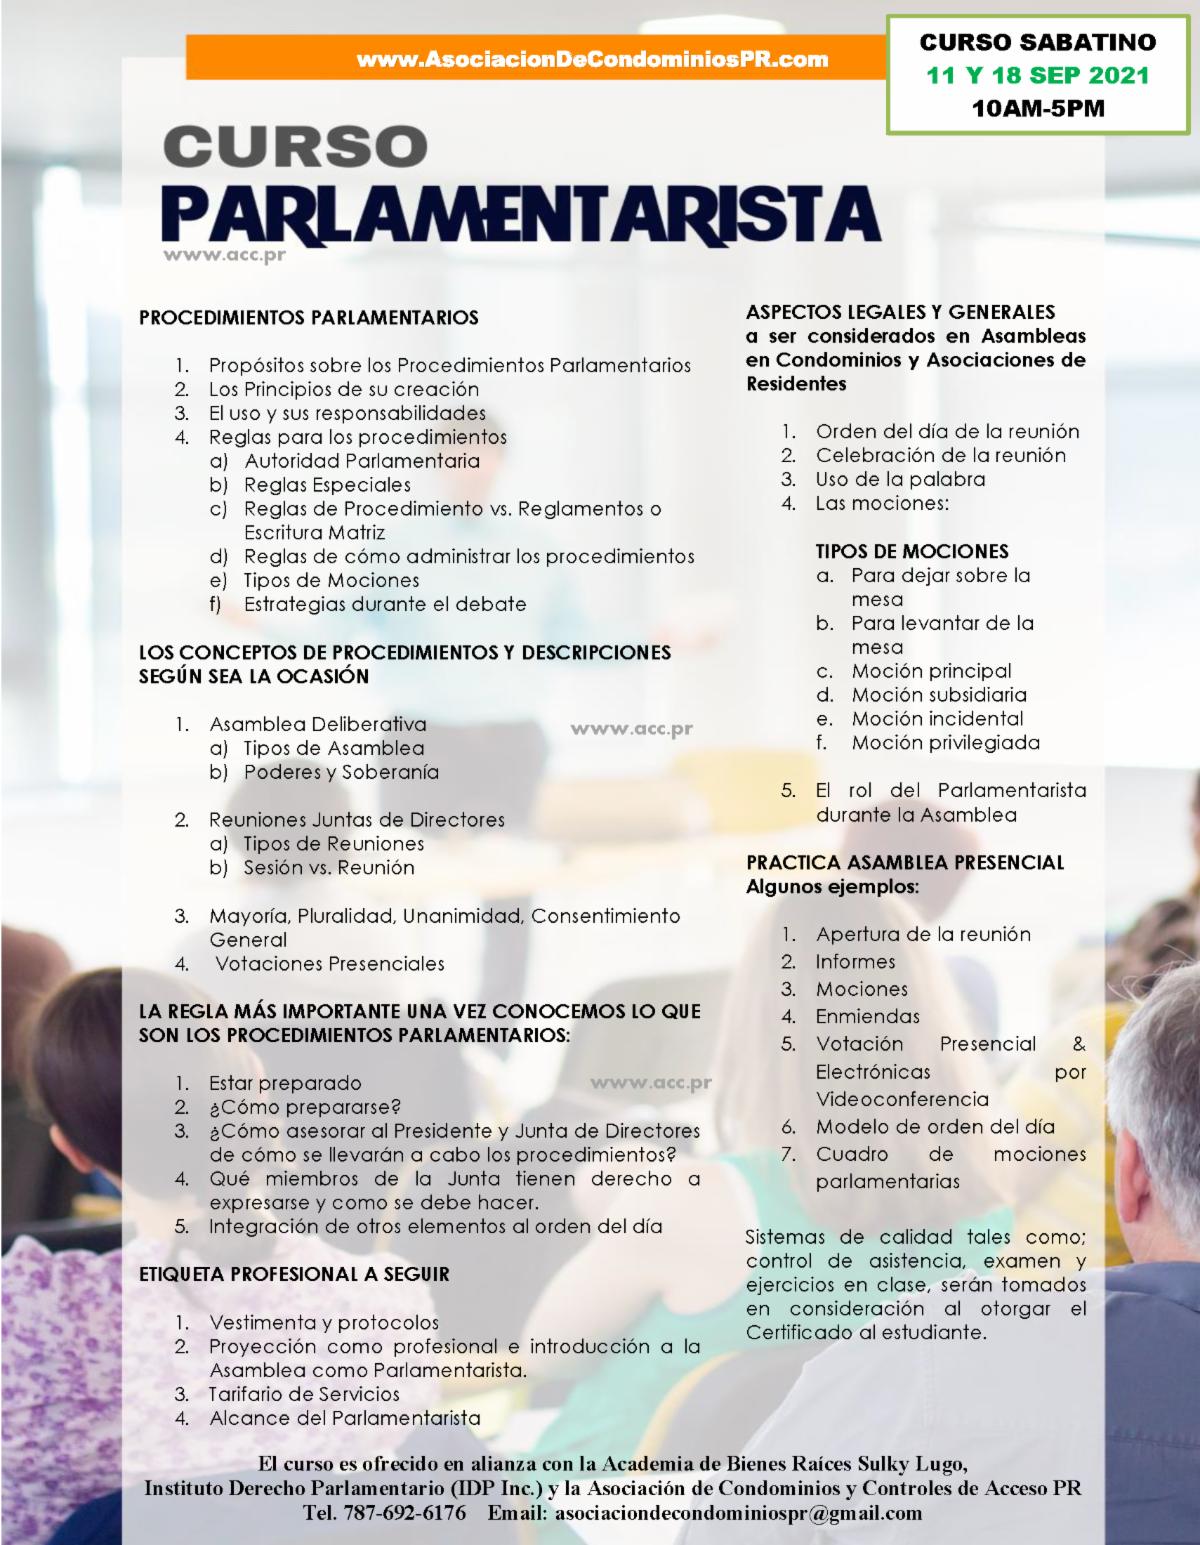 CURSO PARLAMENTARISTA final.png